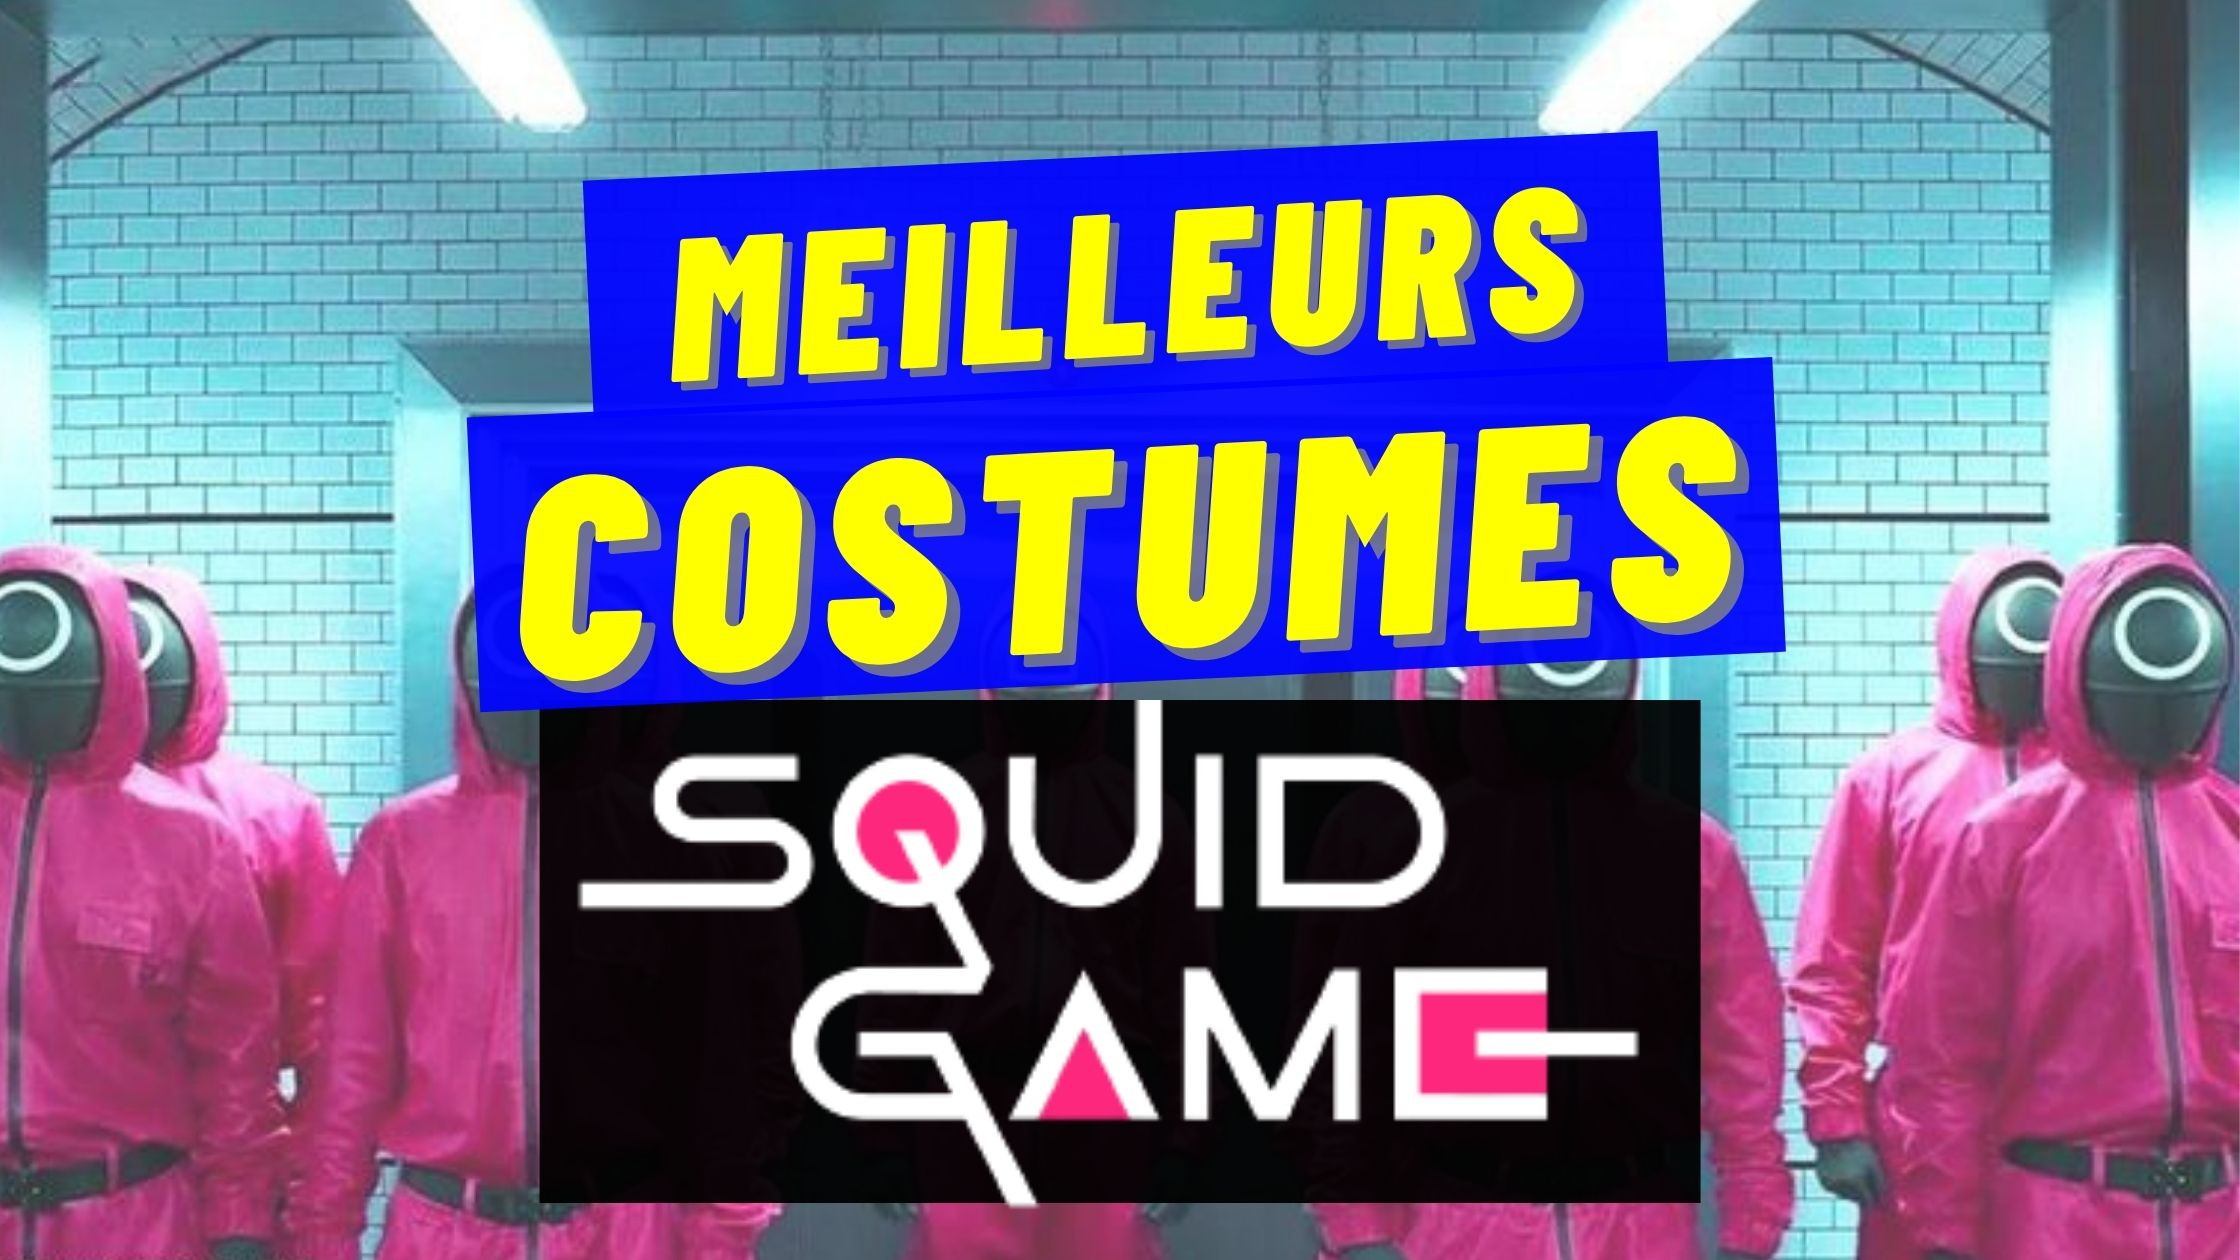 costumes squid games